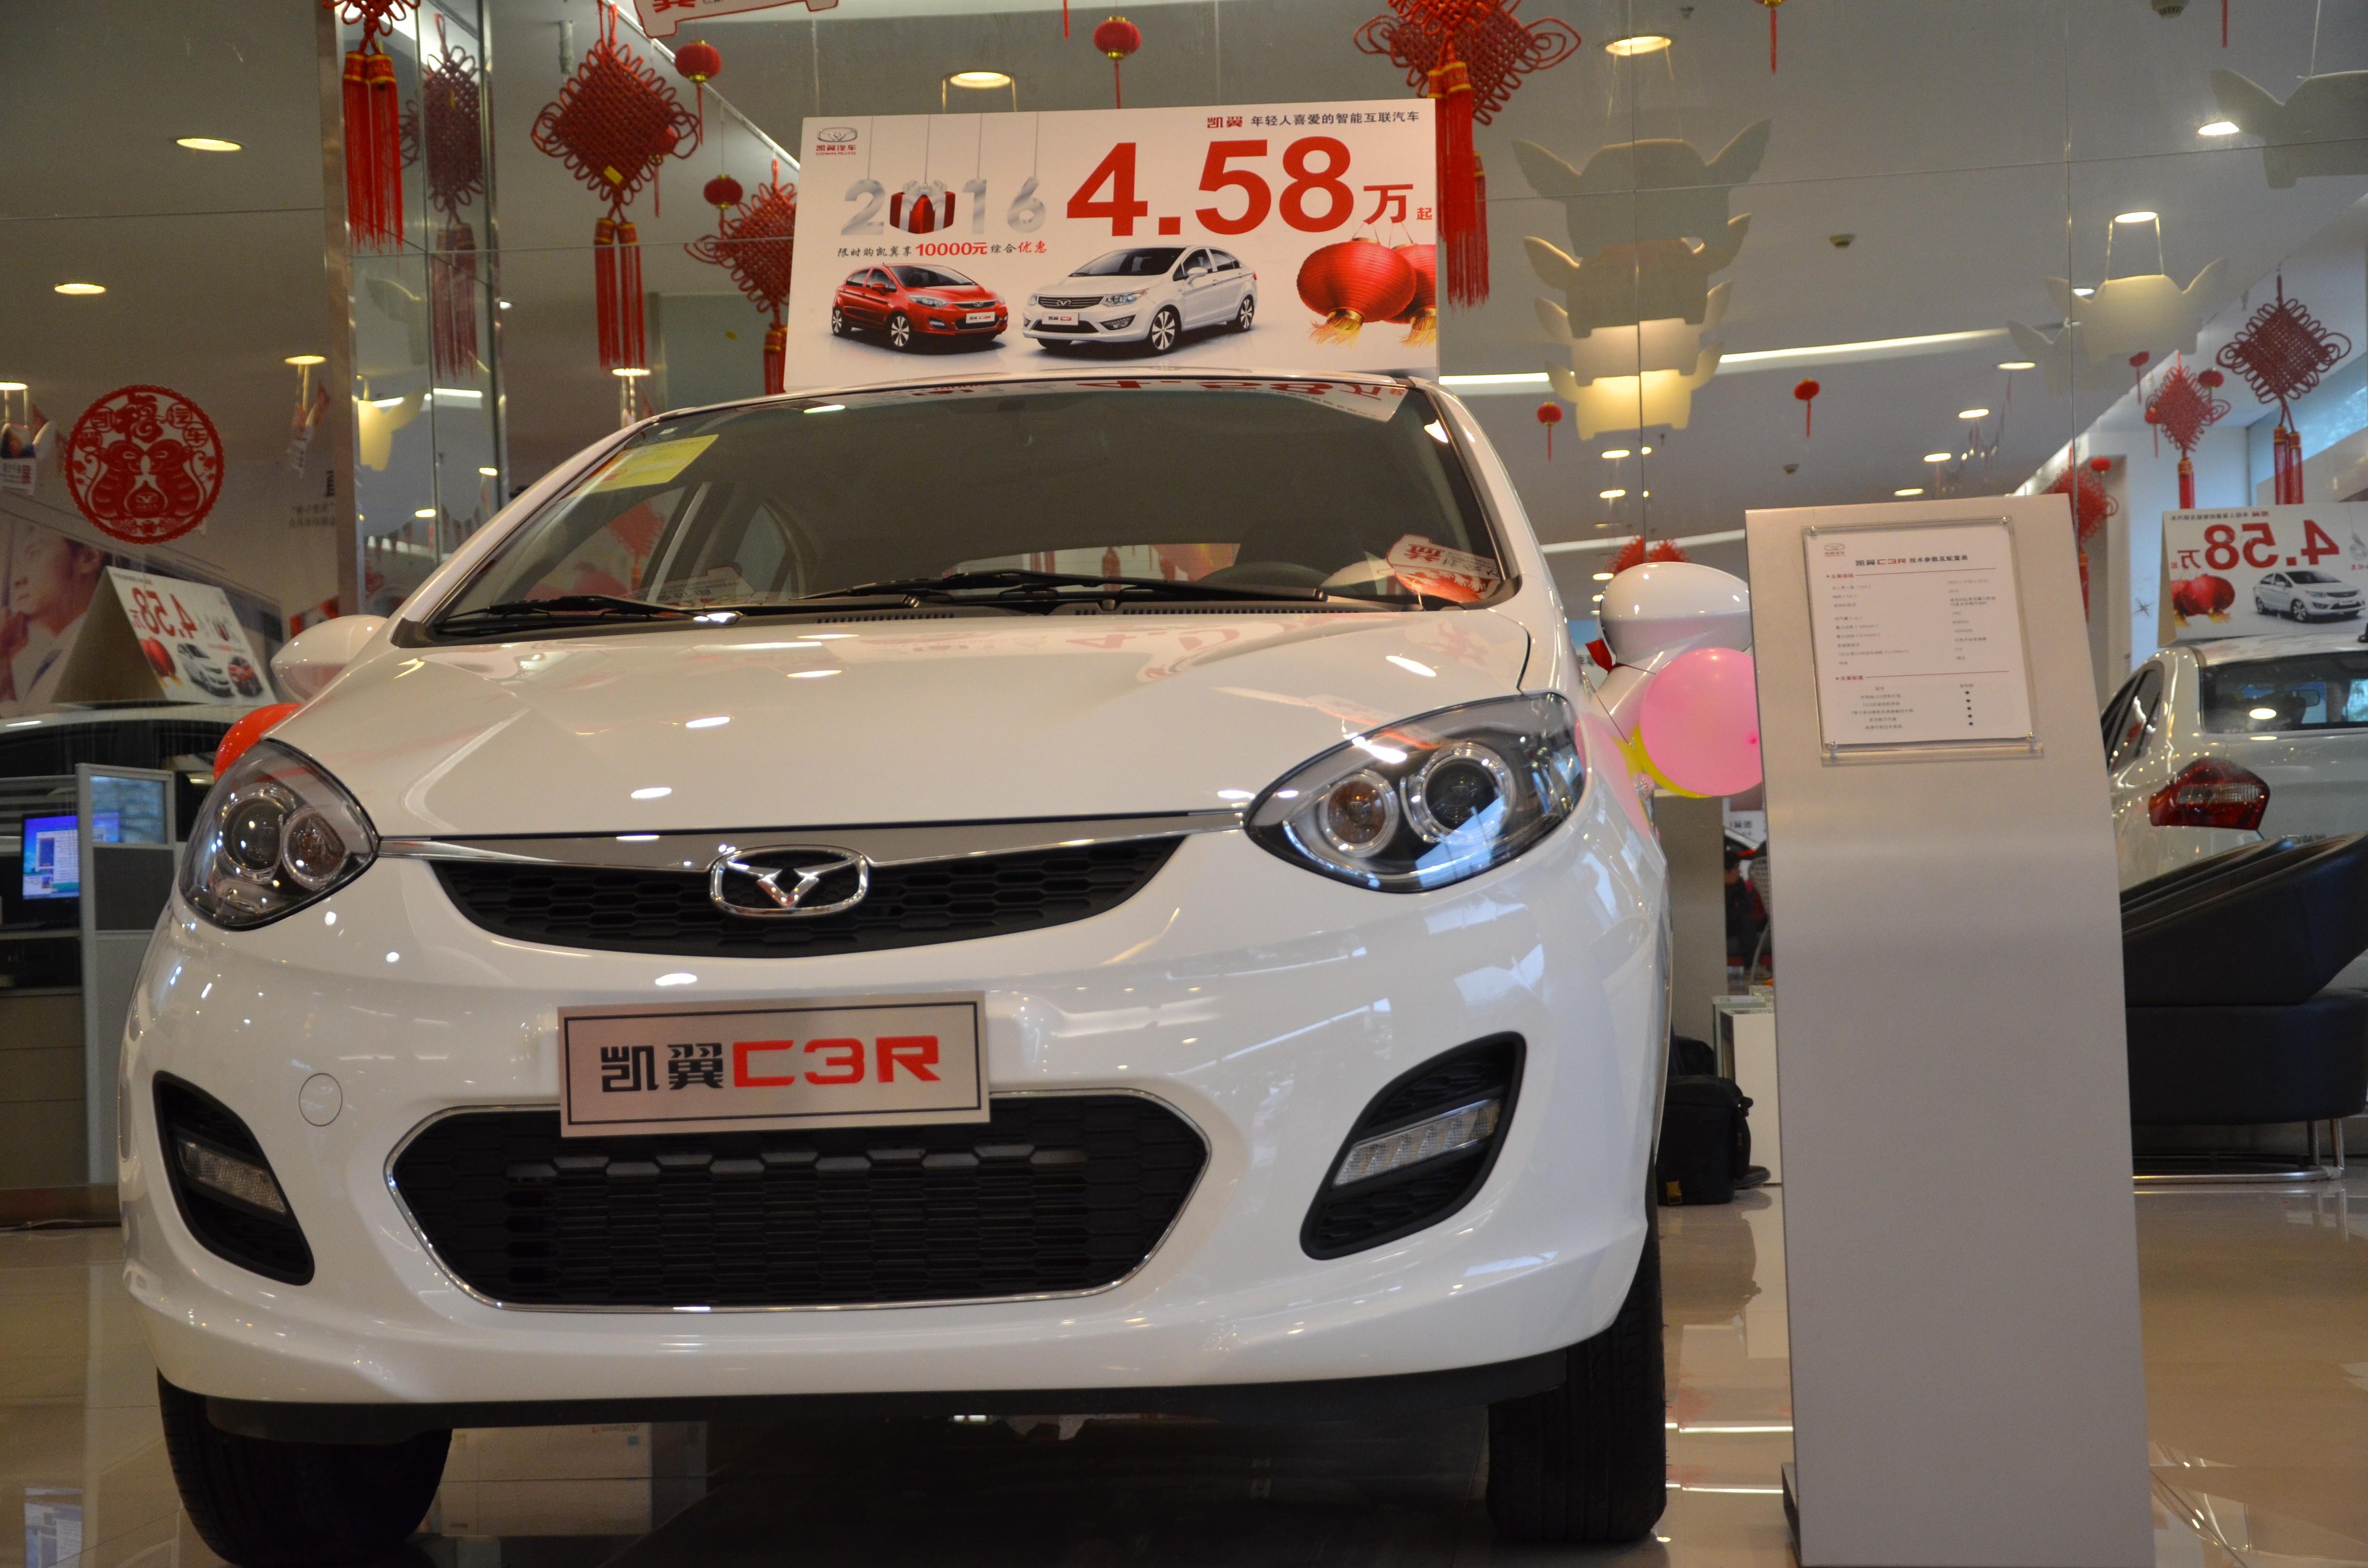 凯翼乌鸦在重庆有那些4s店游戏王5ds汽车bgm图片